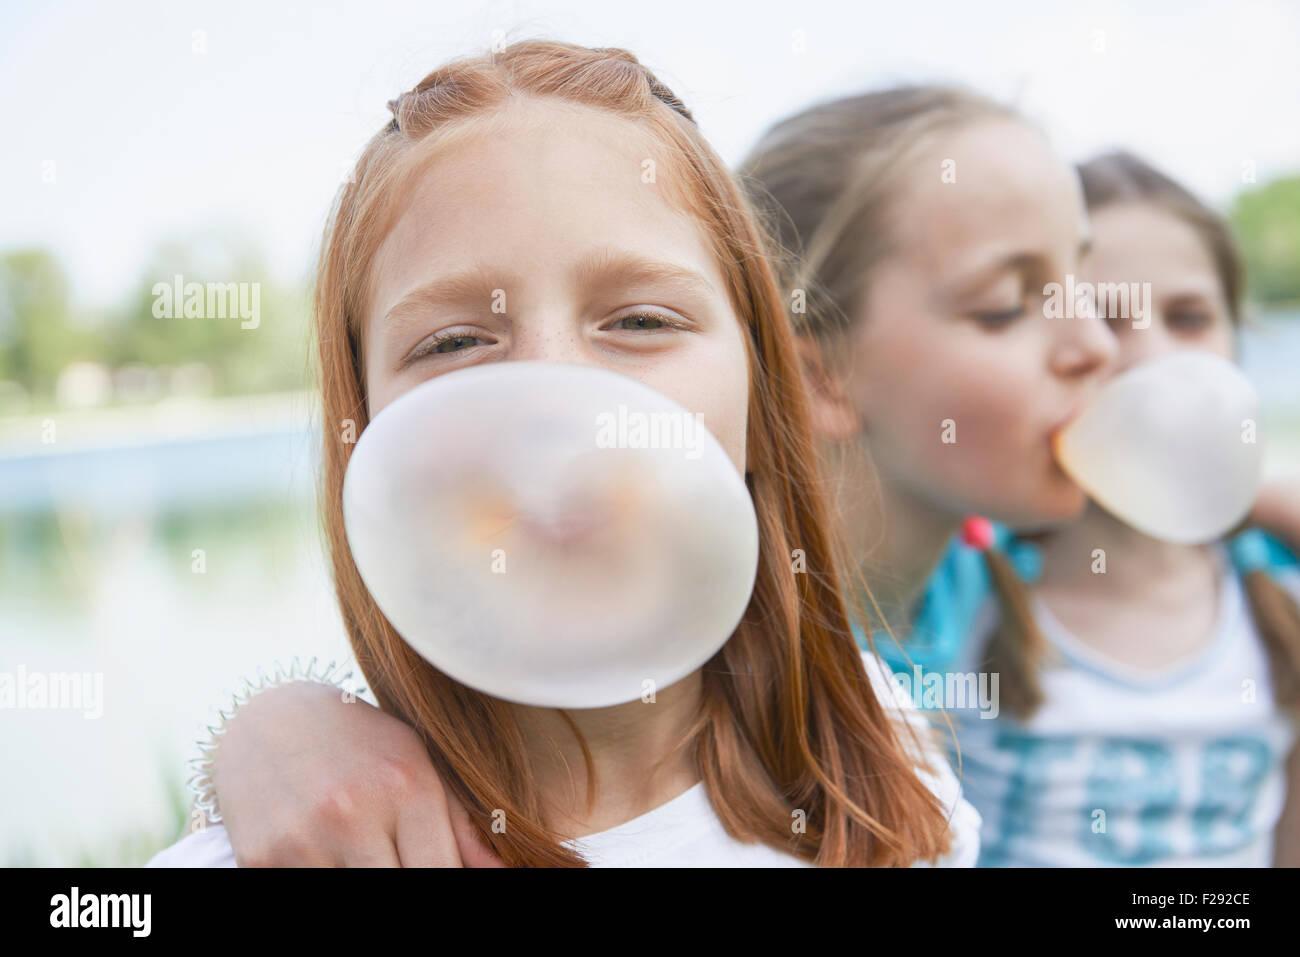 Ragazze soffiando la gomma da masticare bolle, Baviera, Germania Immagini Stock